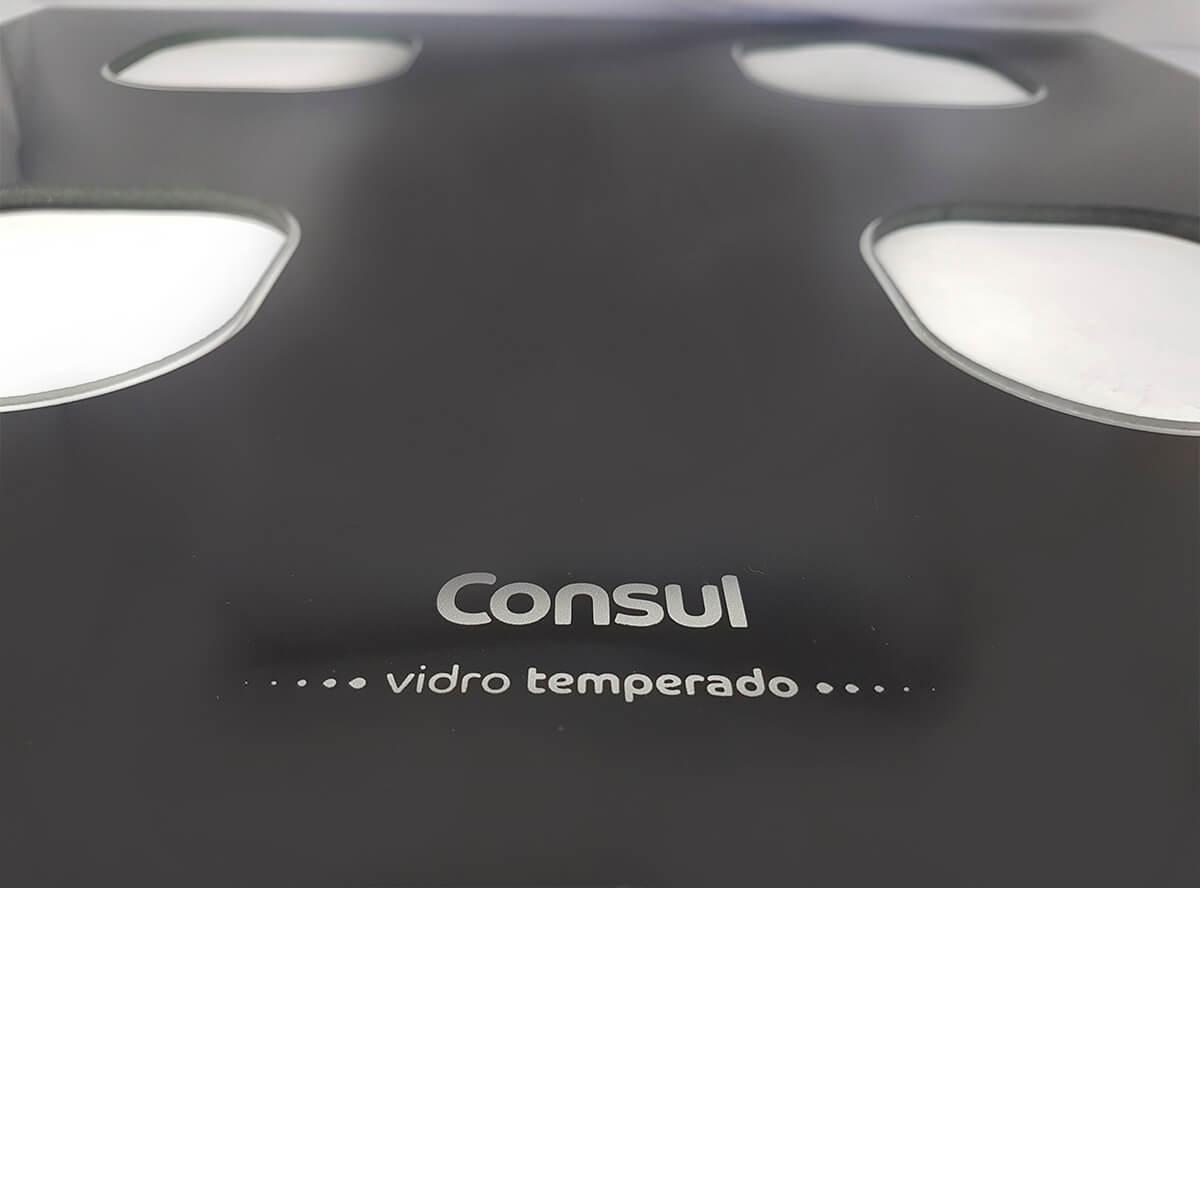 Mesa Trabalho Vidro Preto Para Fogão 4 Bocas Consul -  W10805272